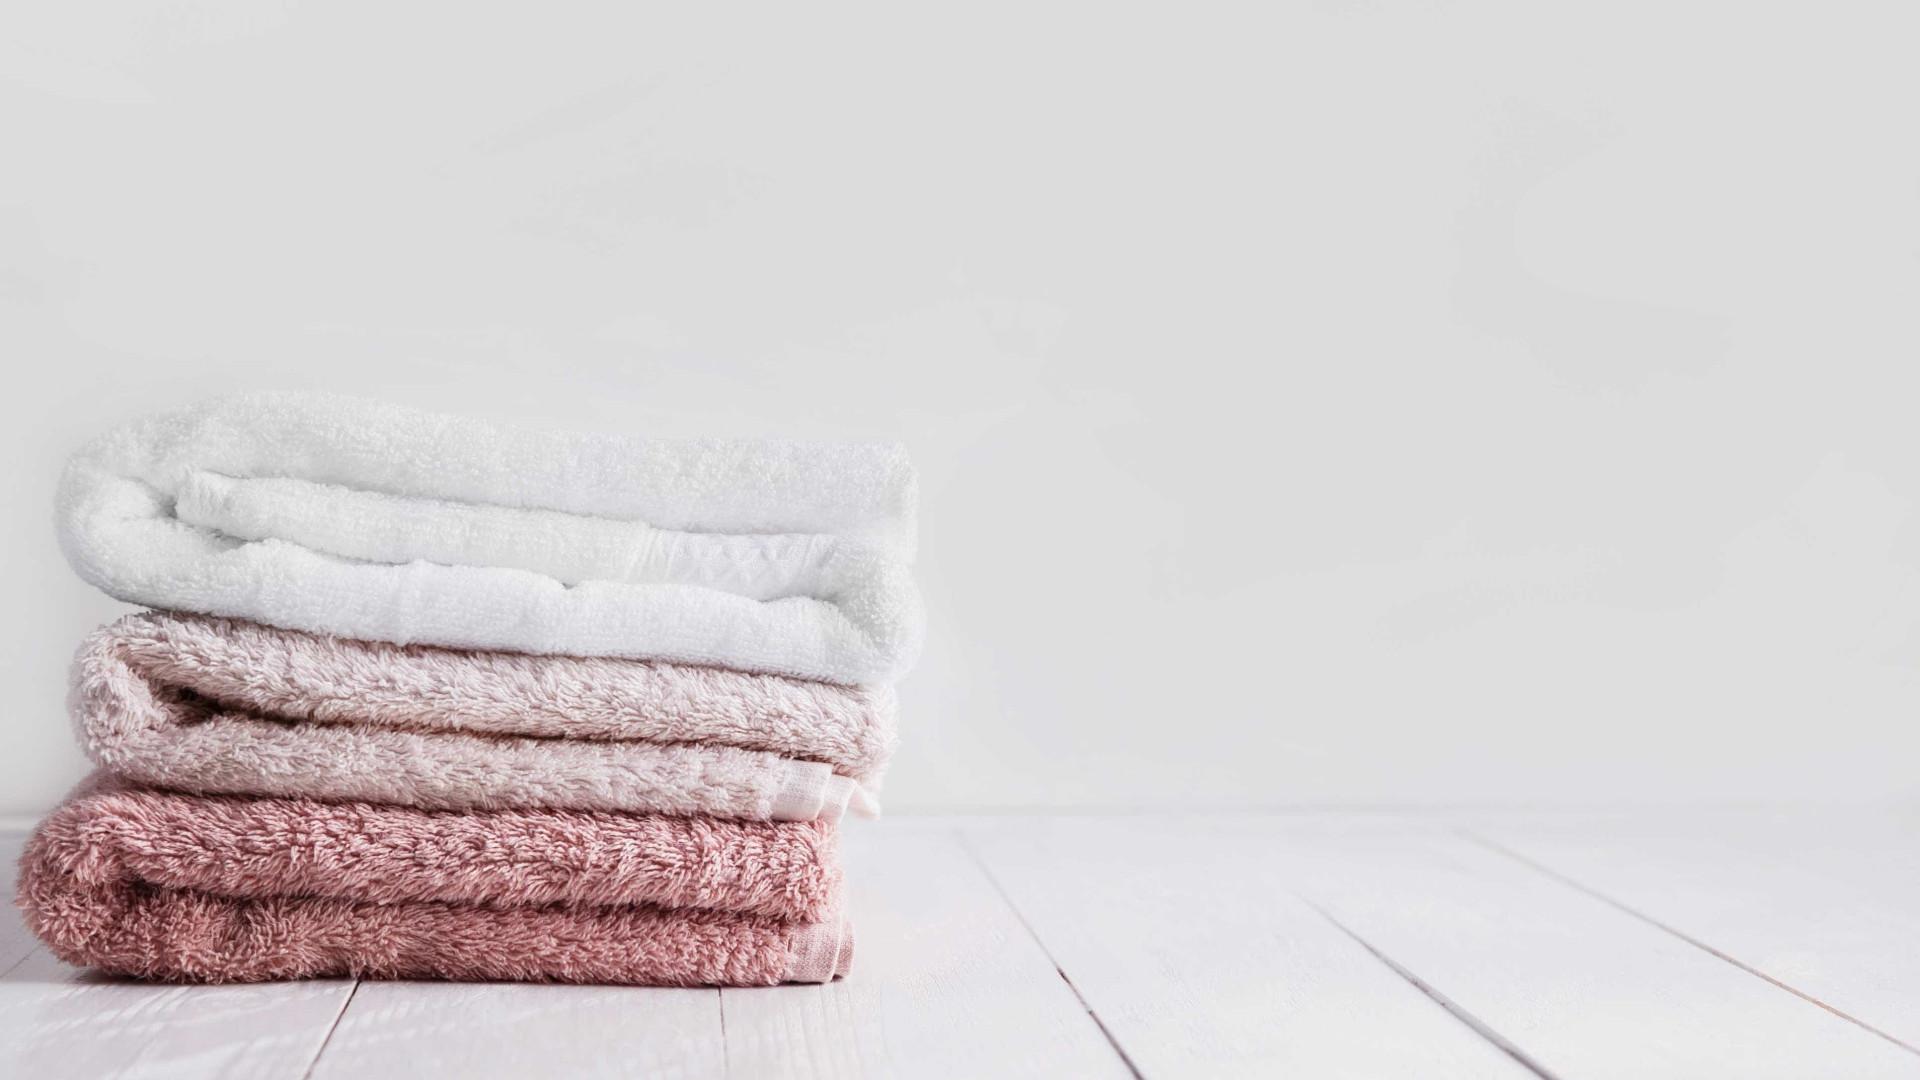 Quantas vezes pode usar a mesma toalha de banho antes de a lavar?